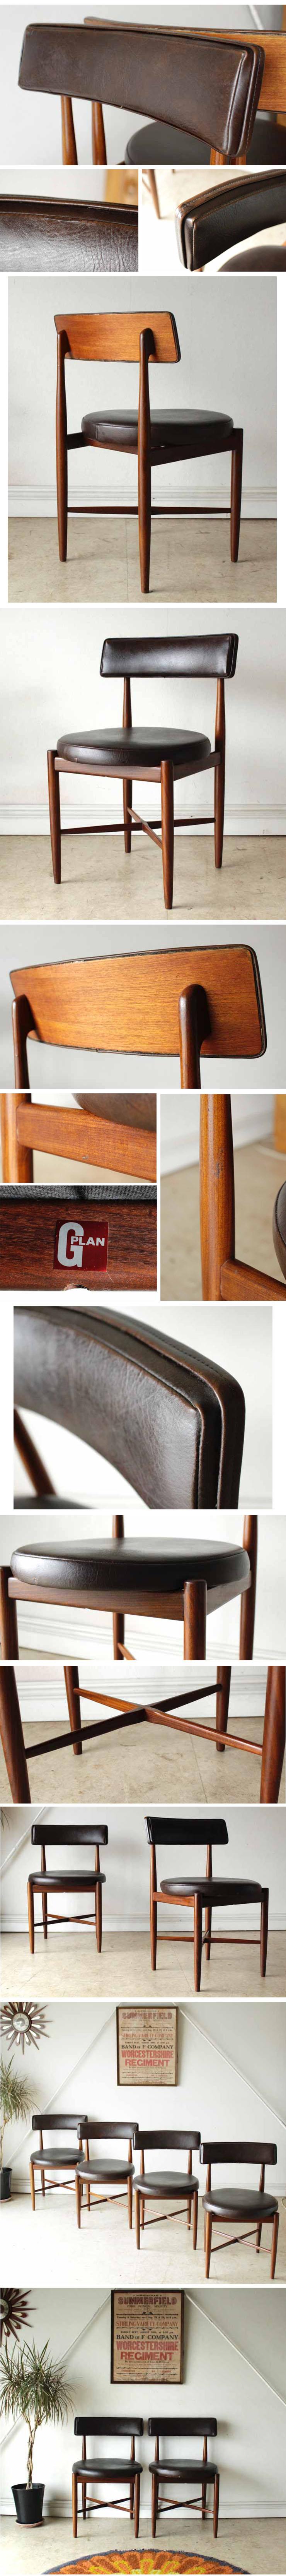 ジープラン・G-plan・ダイニングチェア・2脚セット・ビンテージ・家具・アンティーク・北欧・インテリア・チーク